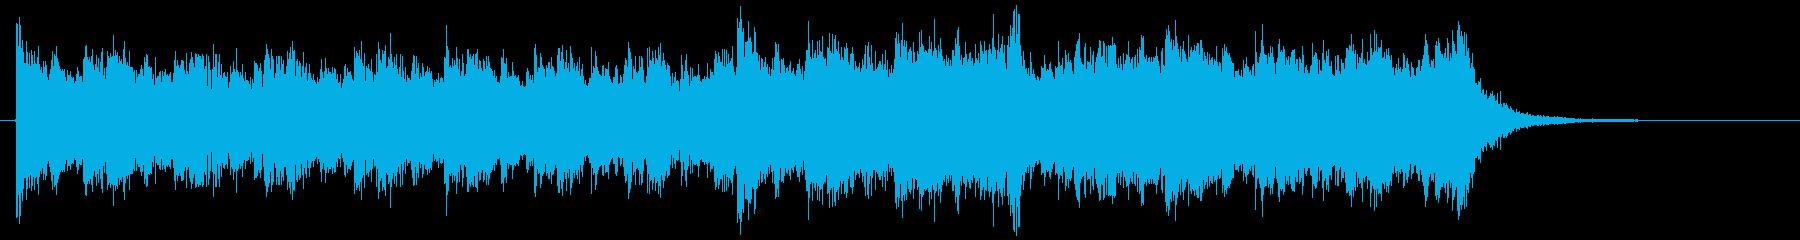 映画音楽風BGM1の再生済みの波形